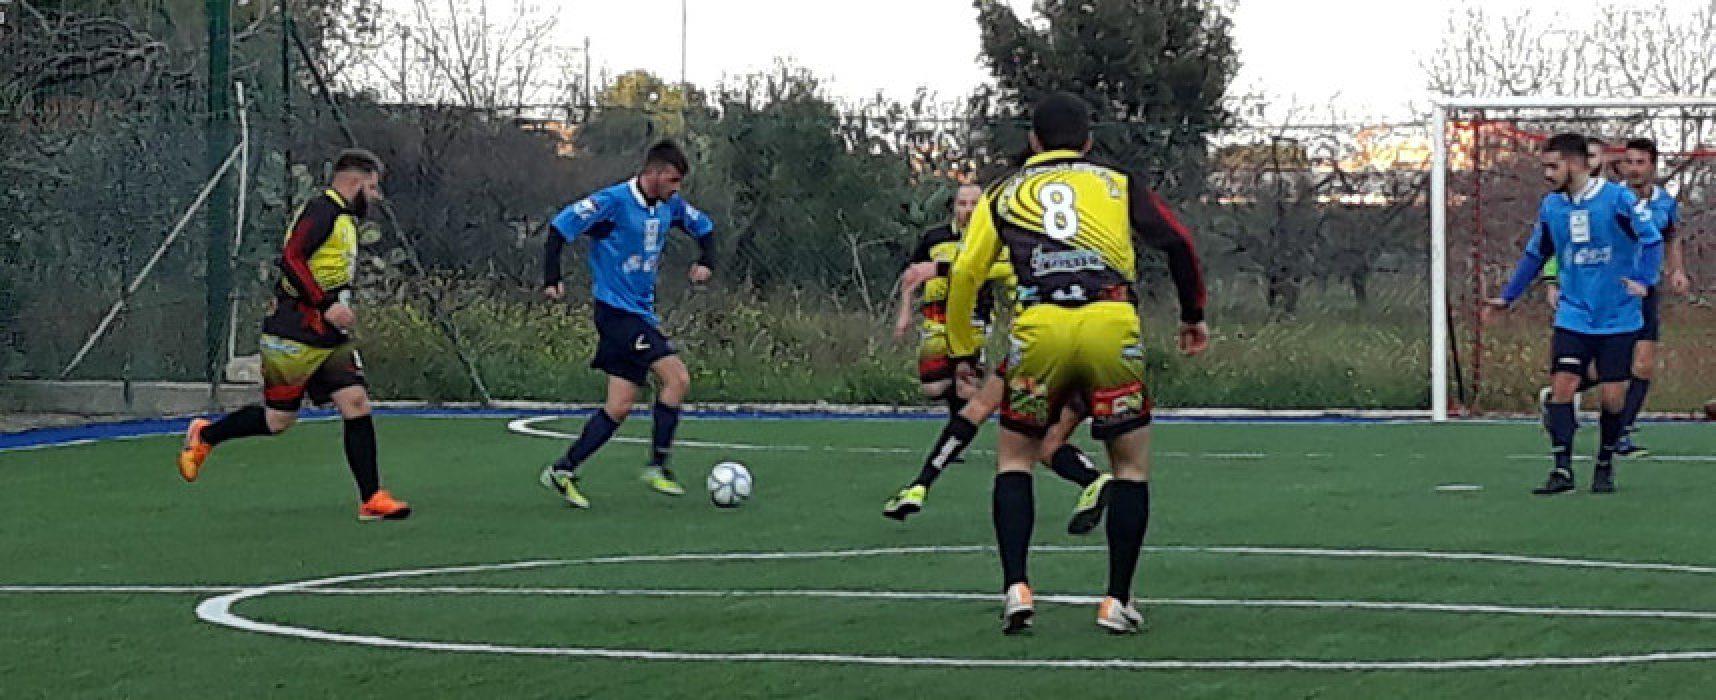 Calcio a 5, serie C2: Futbol Cinco supera il Public Ruvo, Nettuno corsaro/ CLASSIFICA